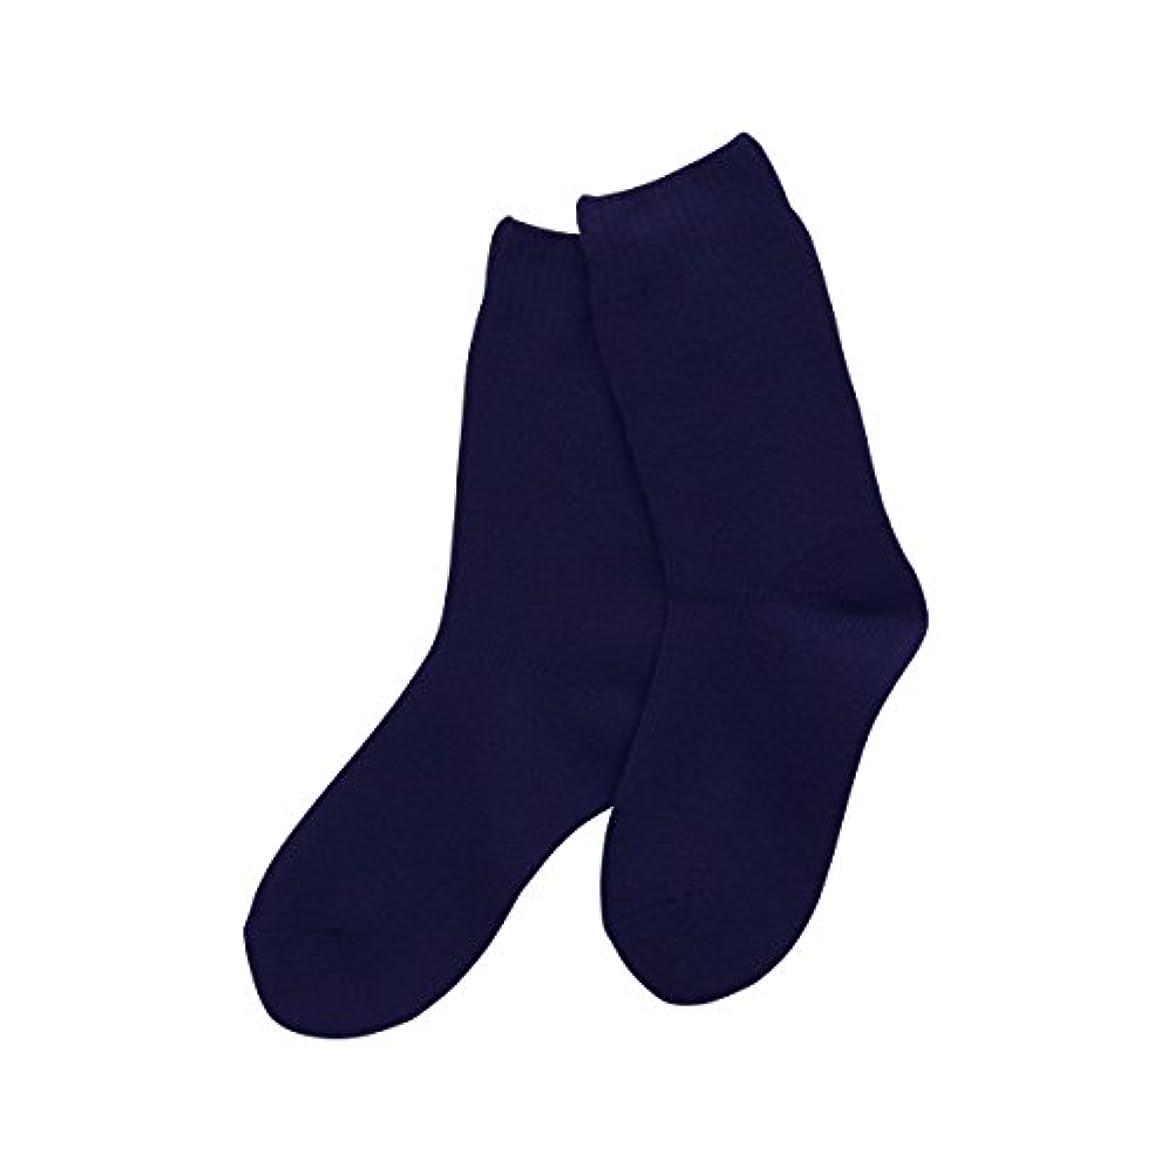 一口ハリウッド子供っぽい(コベス) KOBES ゴムなし 毛混 超ゆったり特大サイズ 靴下 日本製 紳士靴下